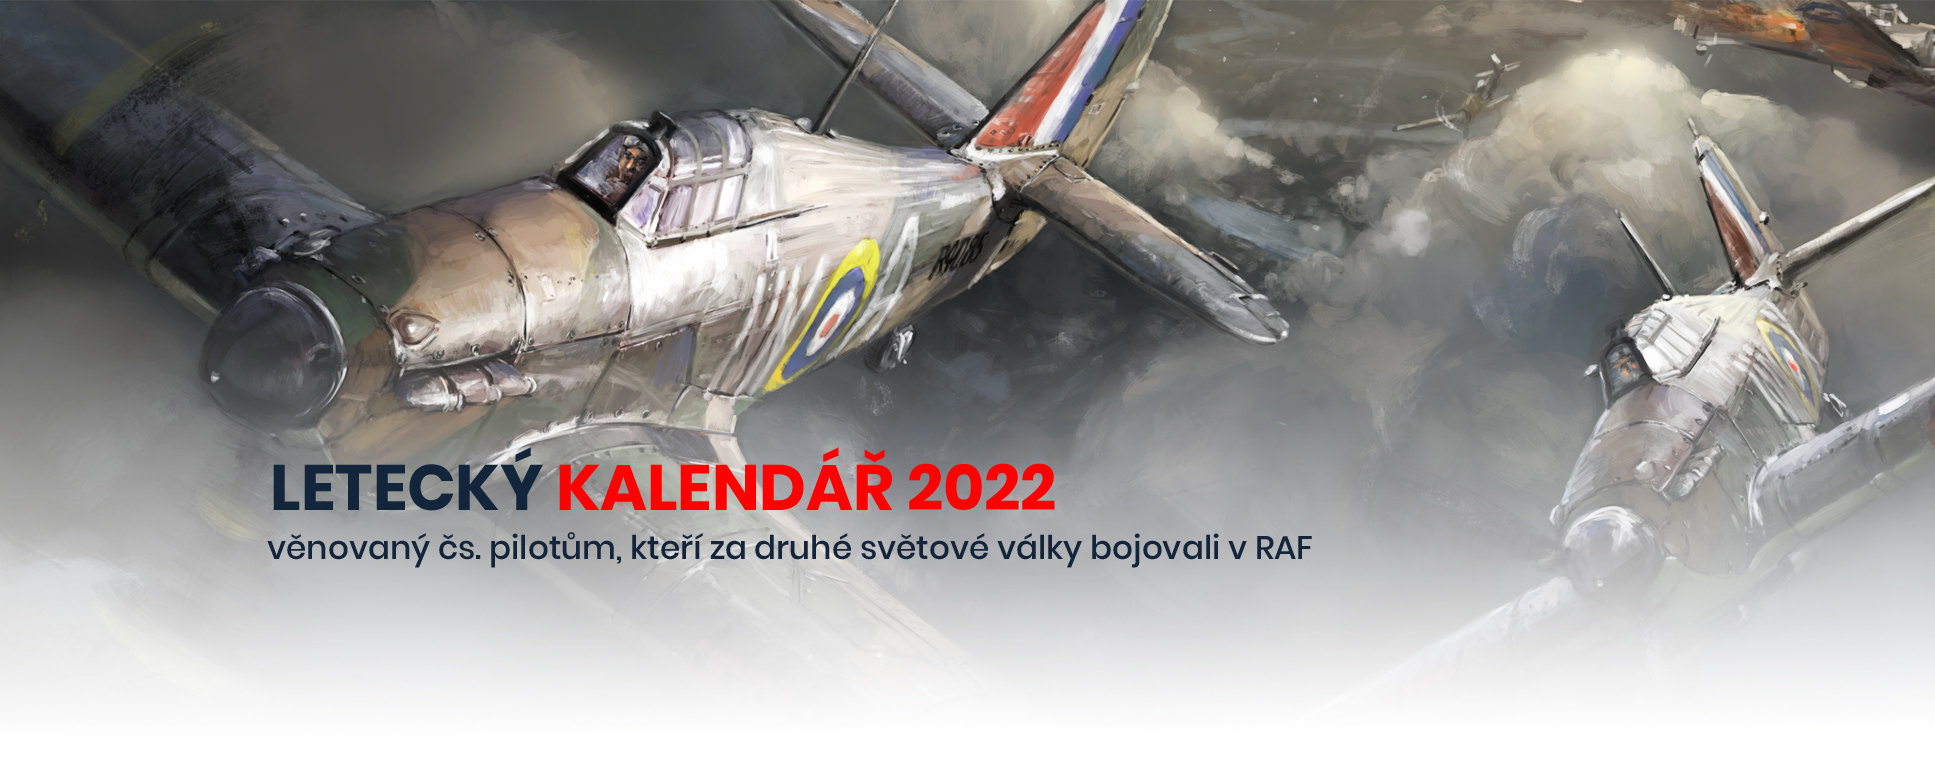 letecký kalendář 2022 Na křídlech za lva